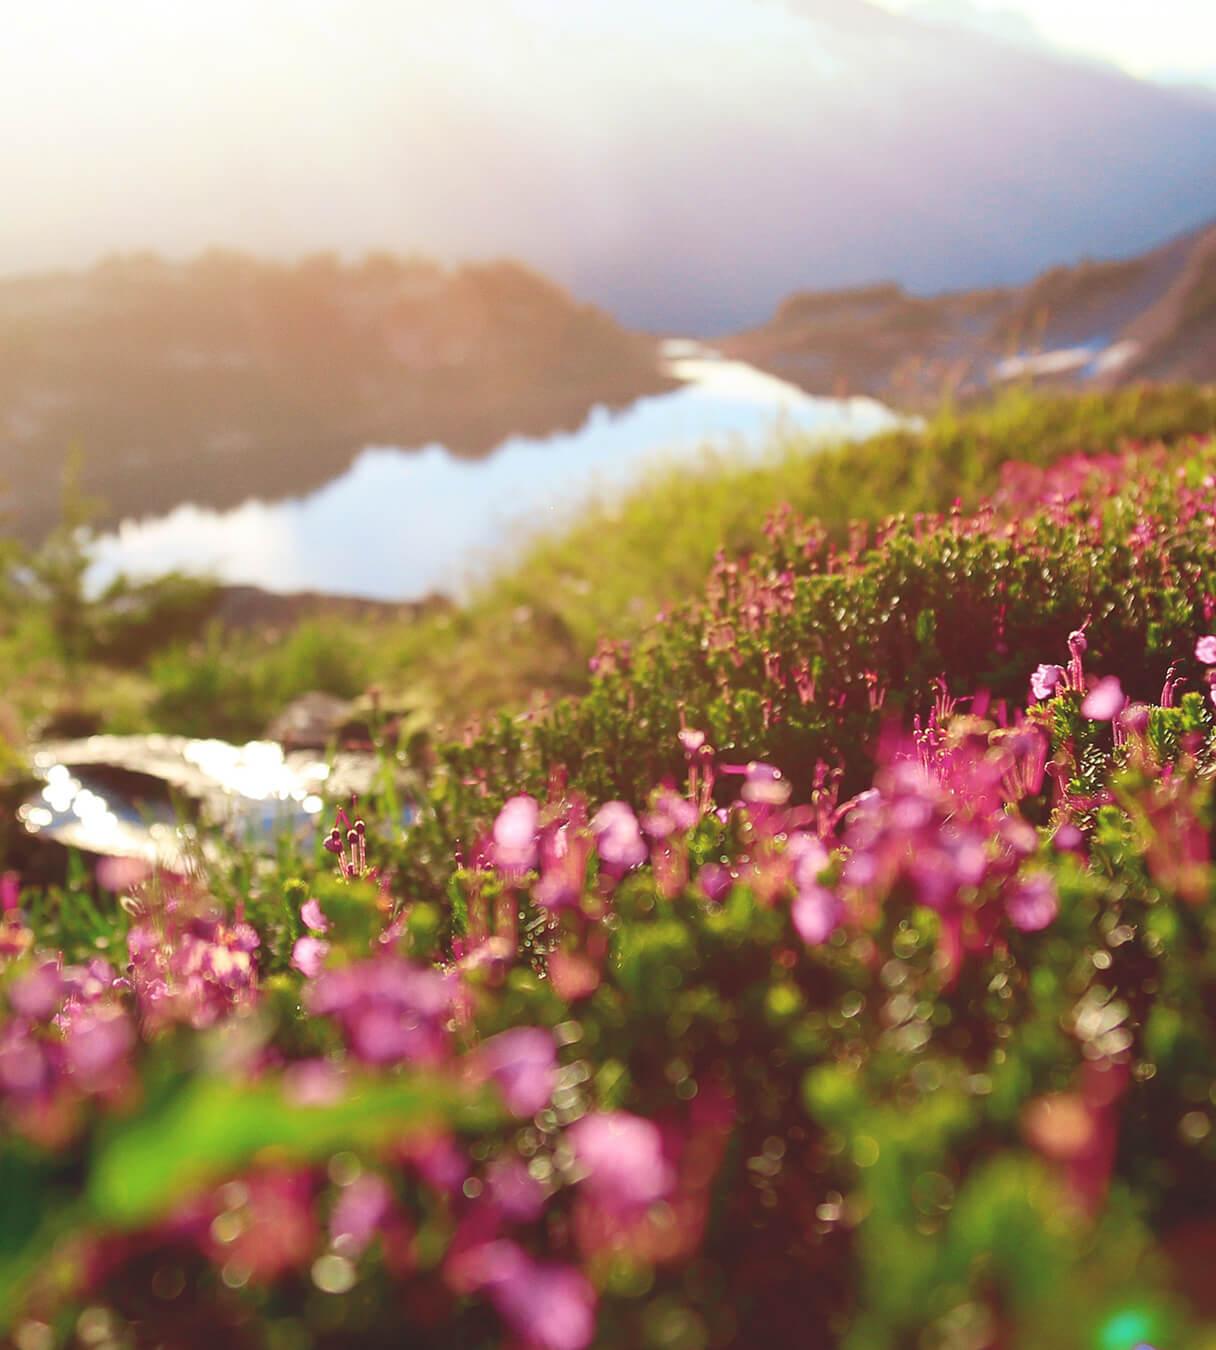 landscape photo of flower field